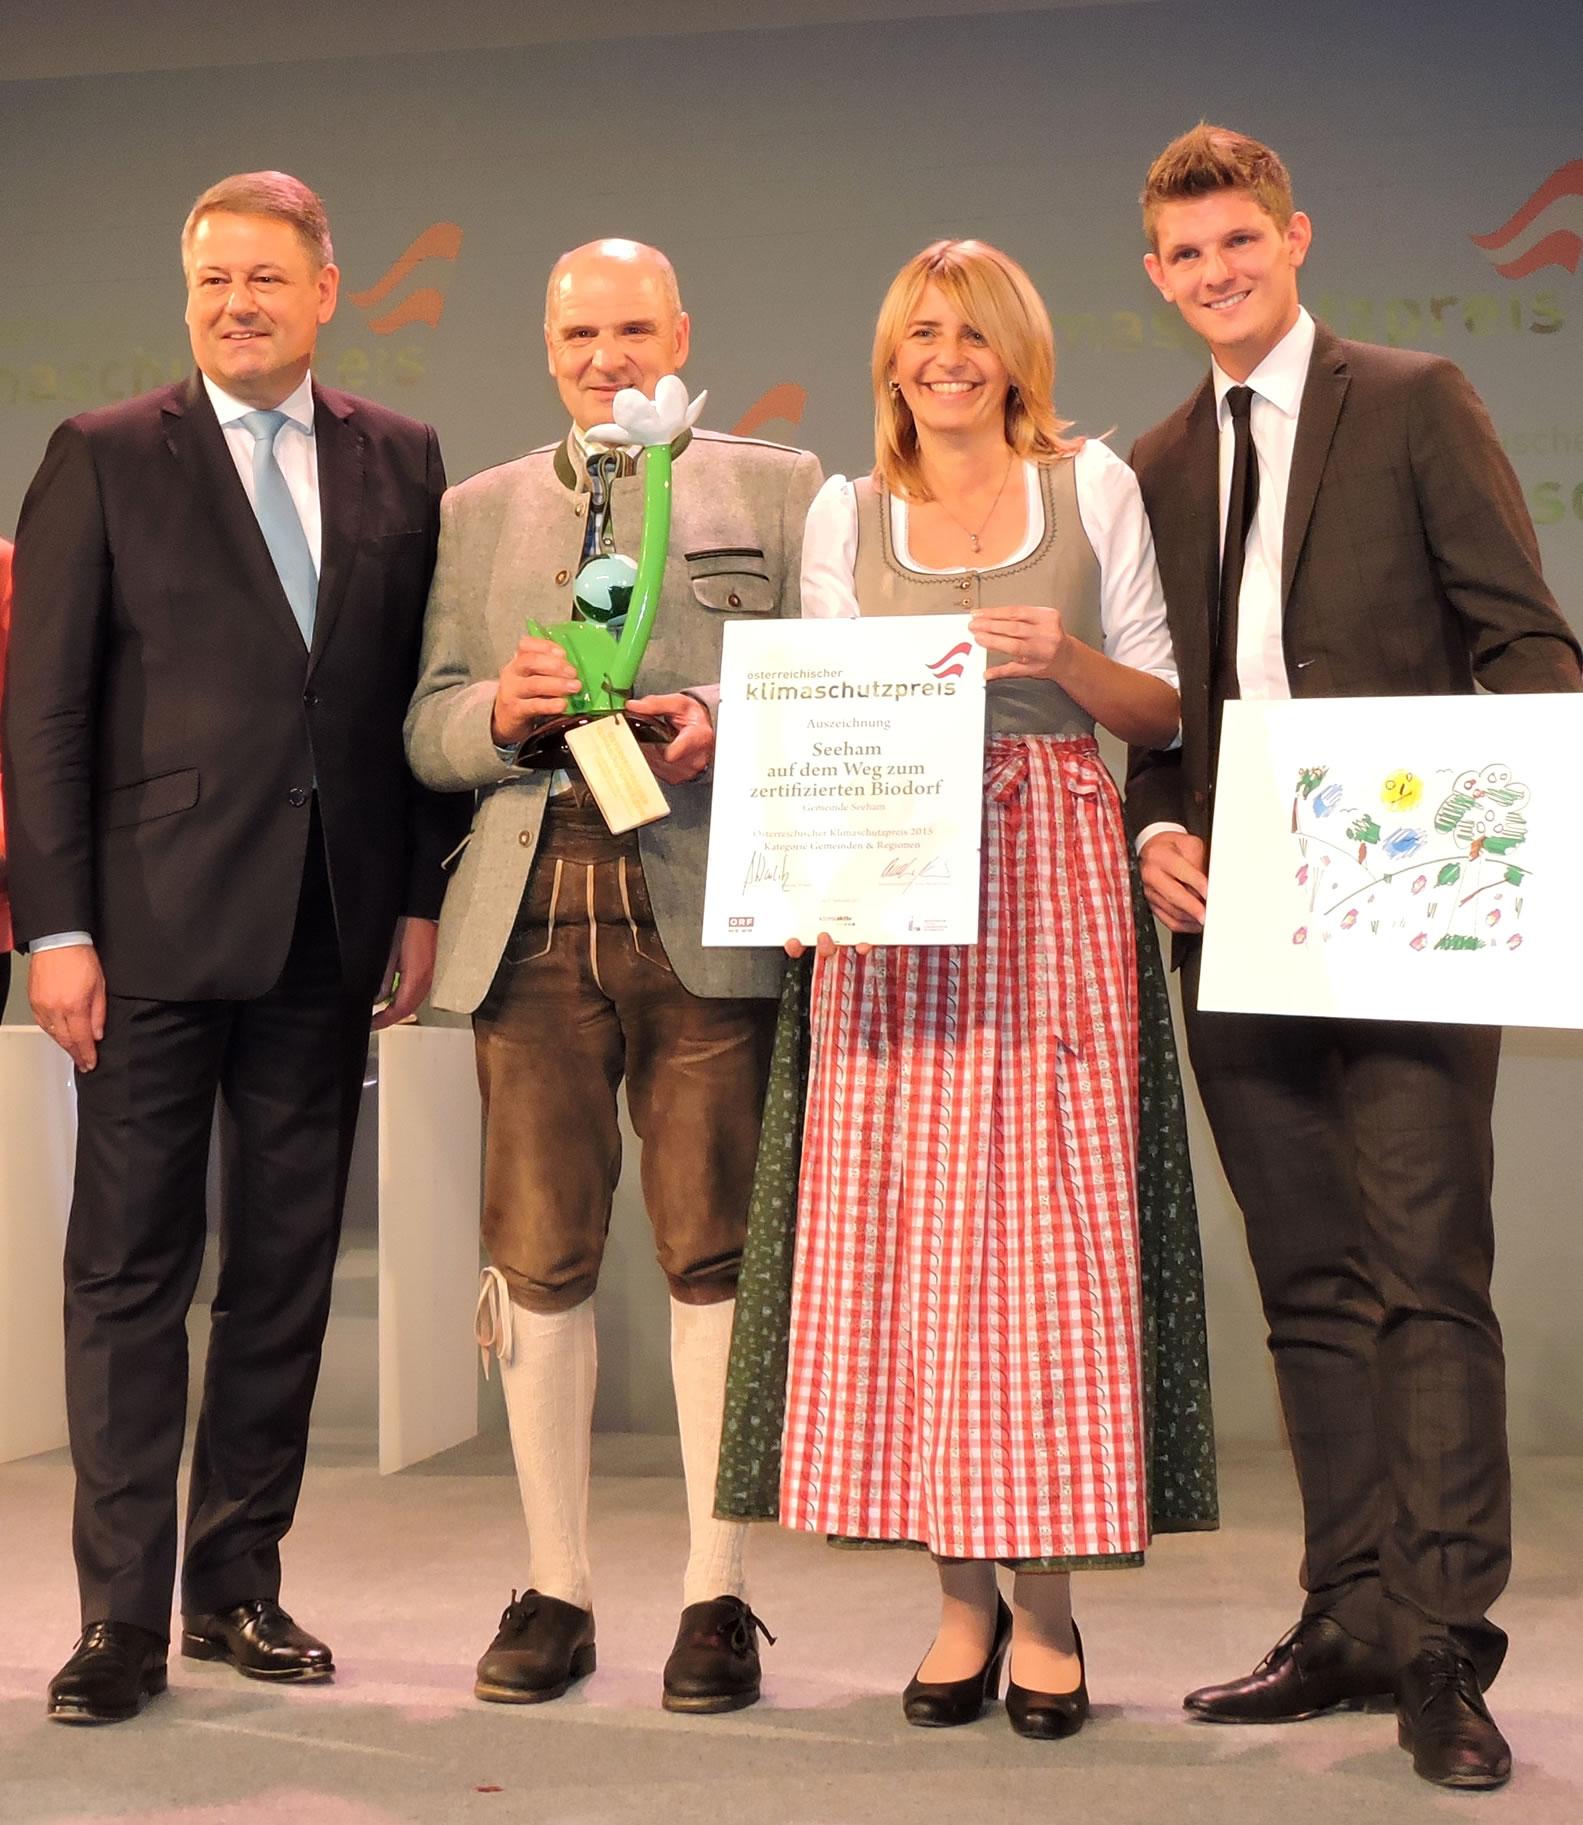 Bundeminister Andrä Rupprechter, Bgm. Peter Altendorfer, Renate Schaffenberger, Christian Morgenstern